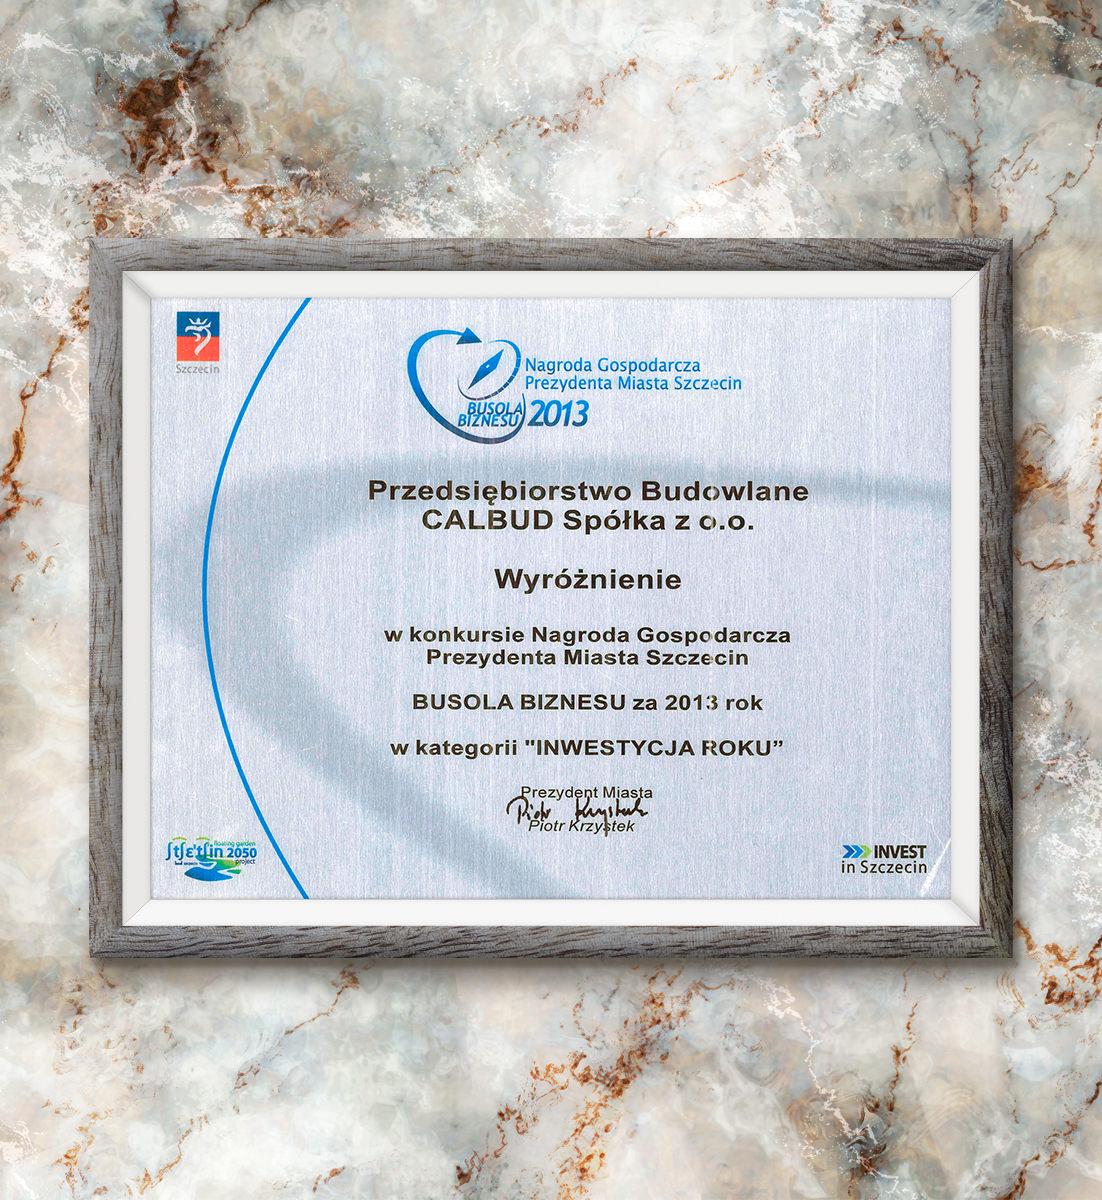 Busola Biznesu za 2013 rok - wyróżnienie w kategorii